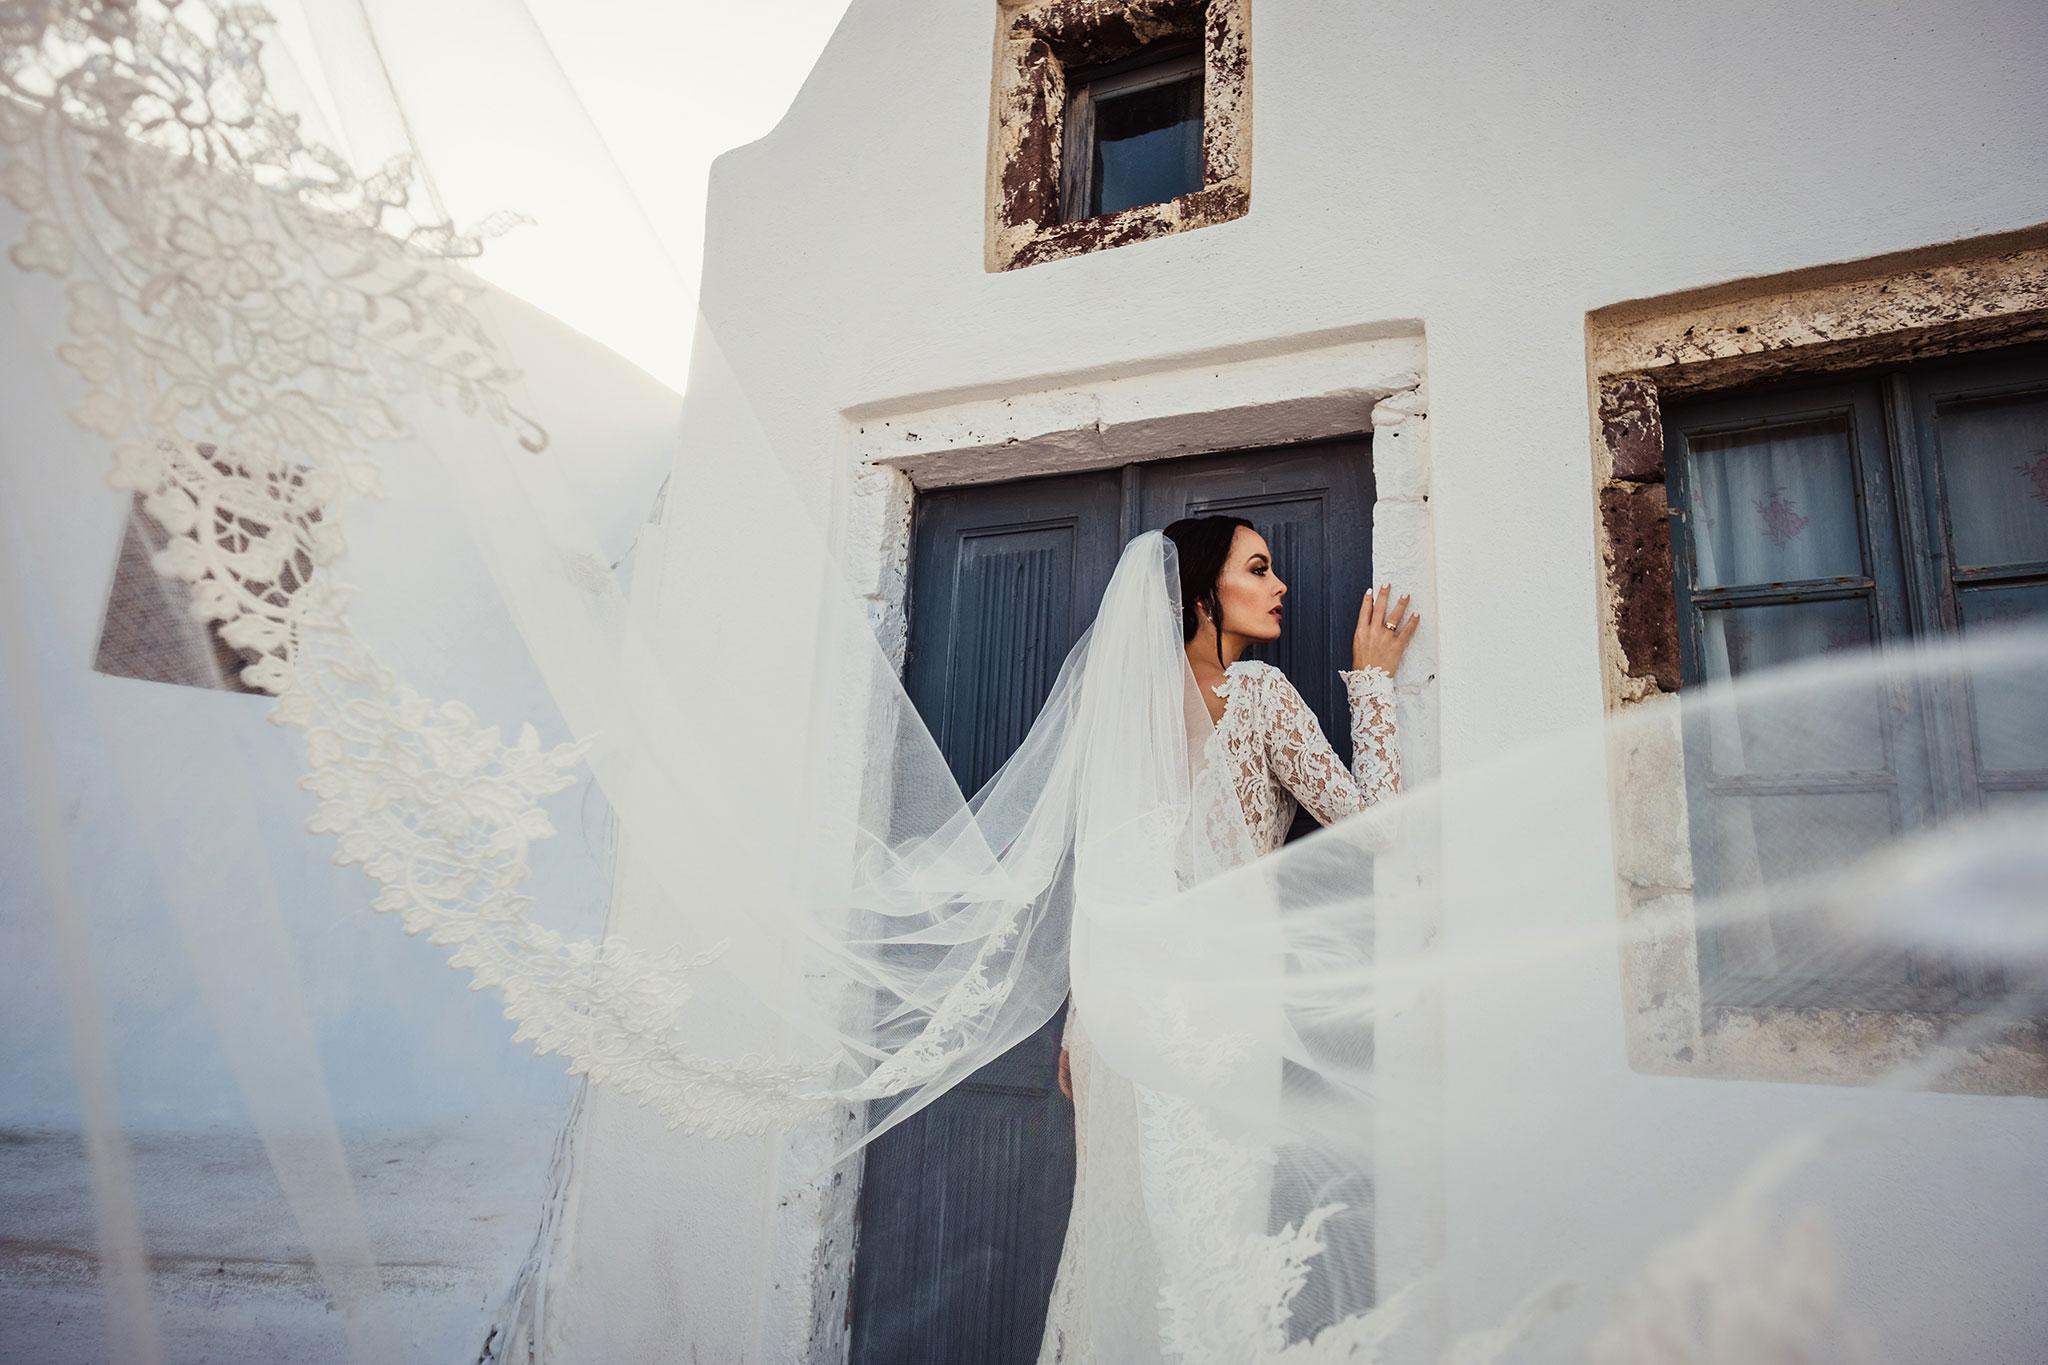 najlepsze zdjęcia ślubne Santorini